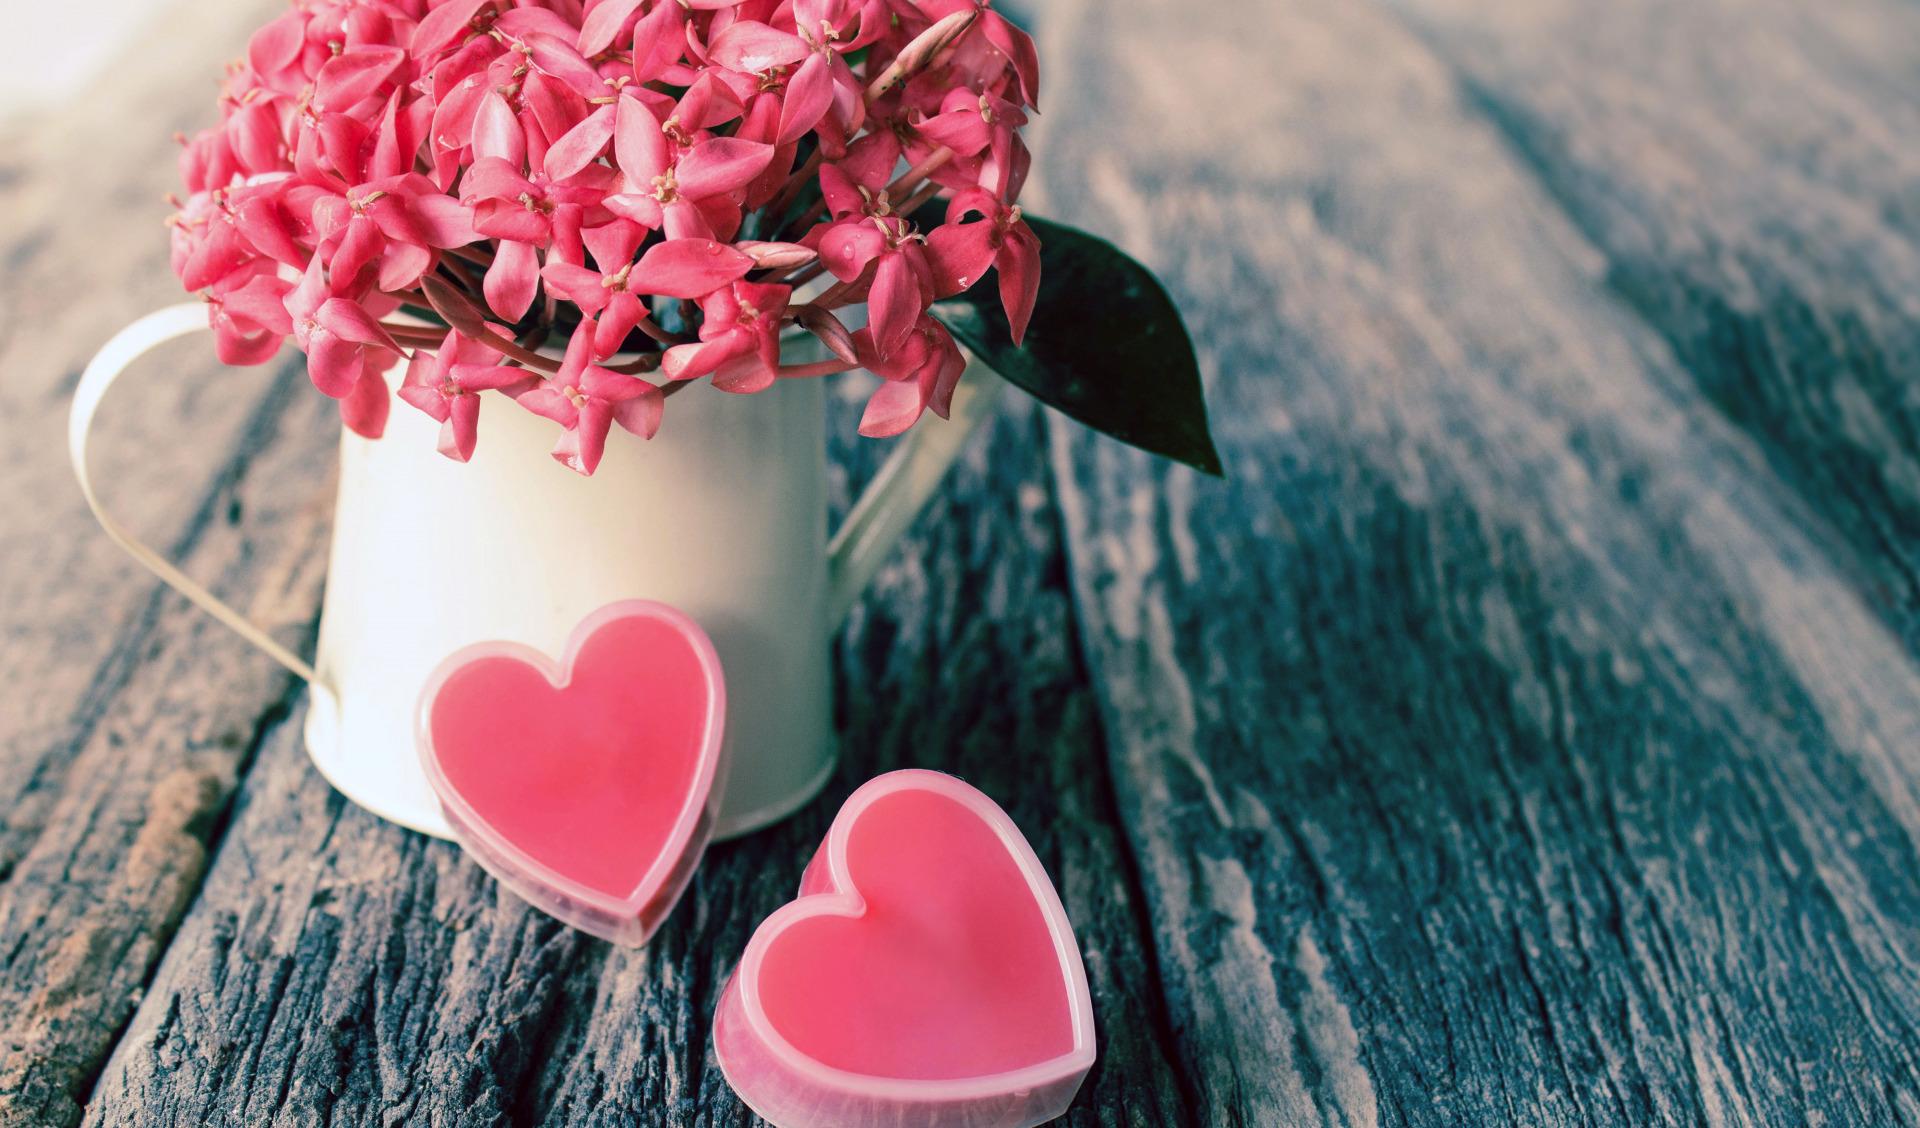 стараемся постоянно красивые картинки с цветами и сердечками любят